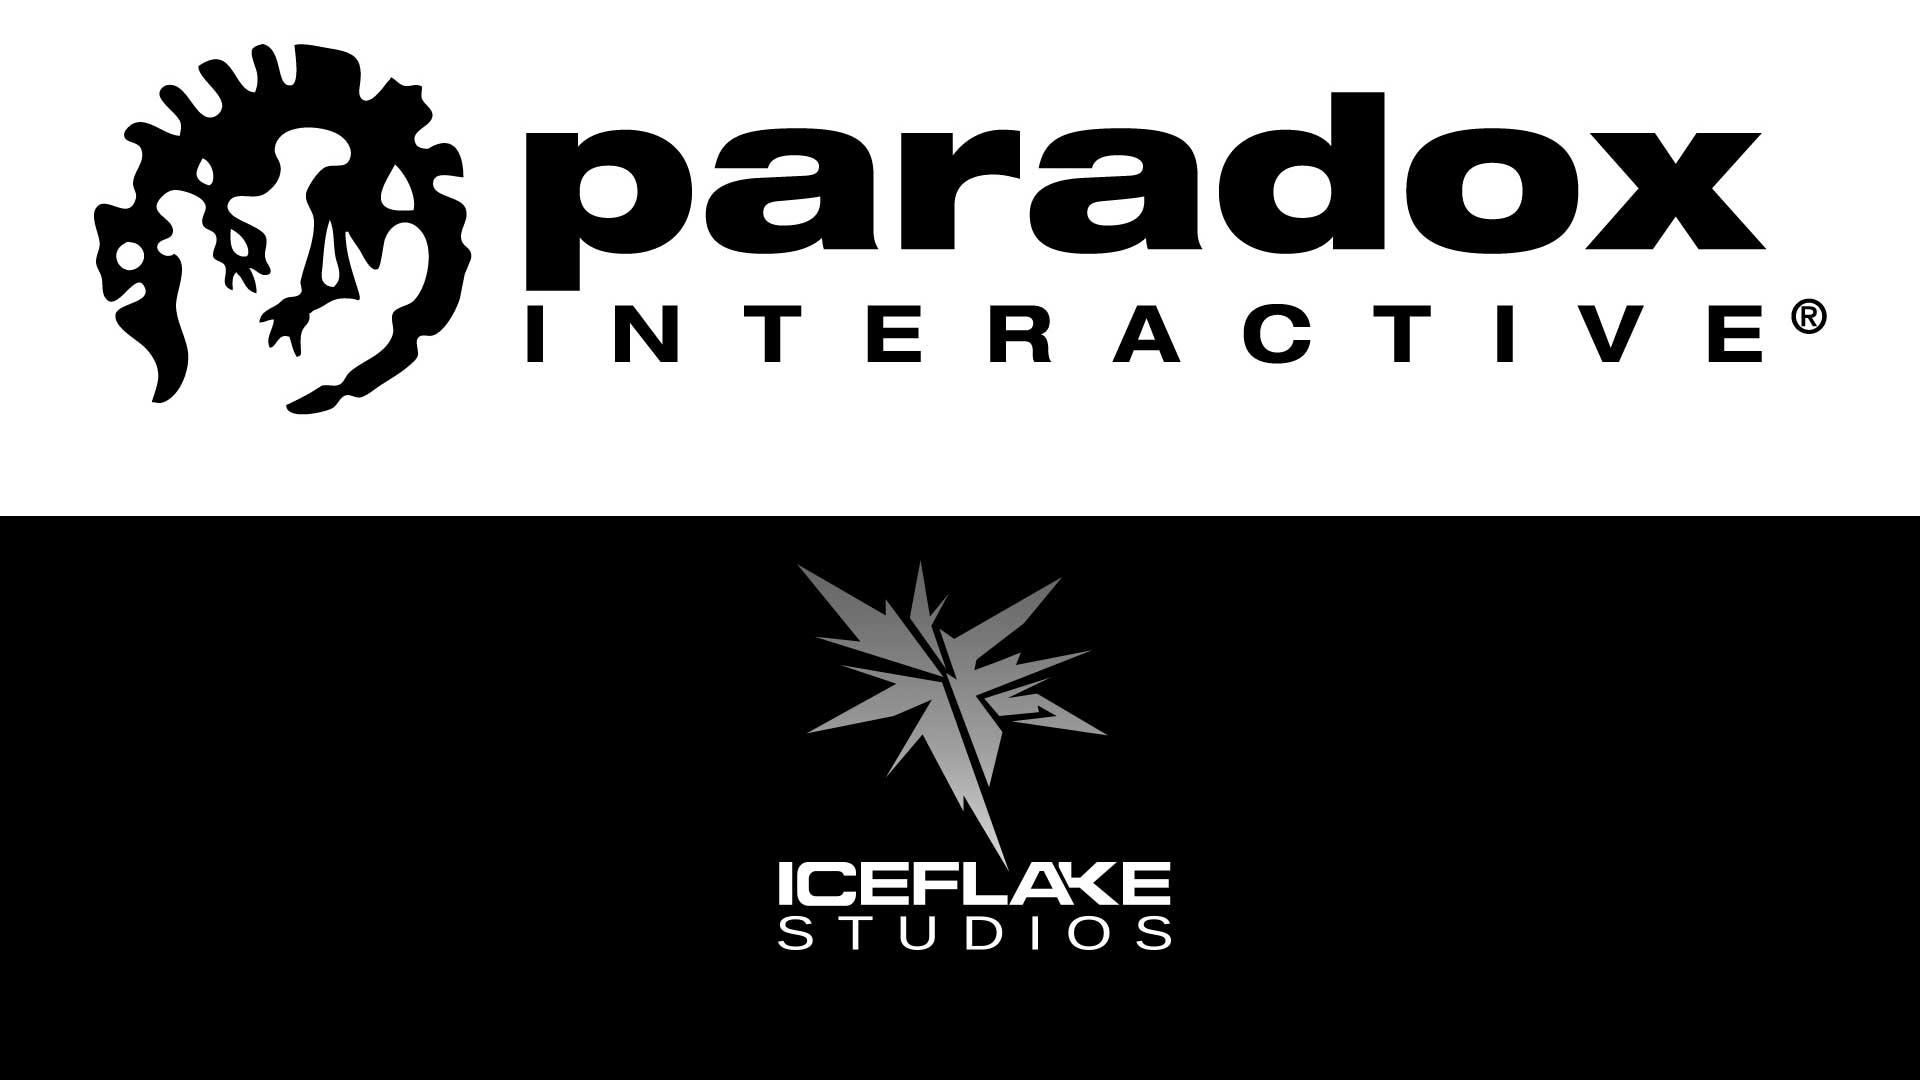 paradox iceflake